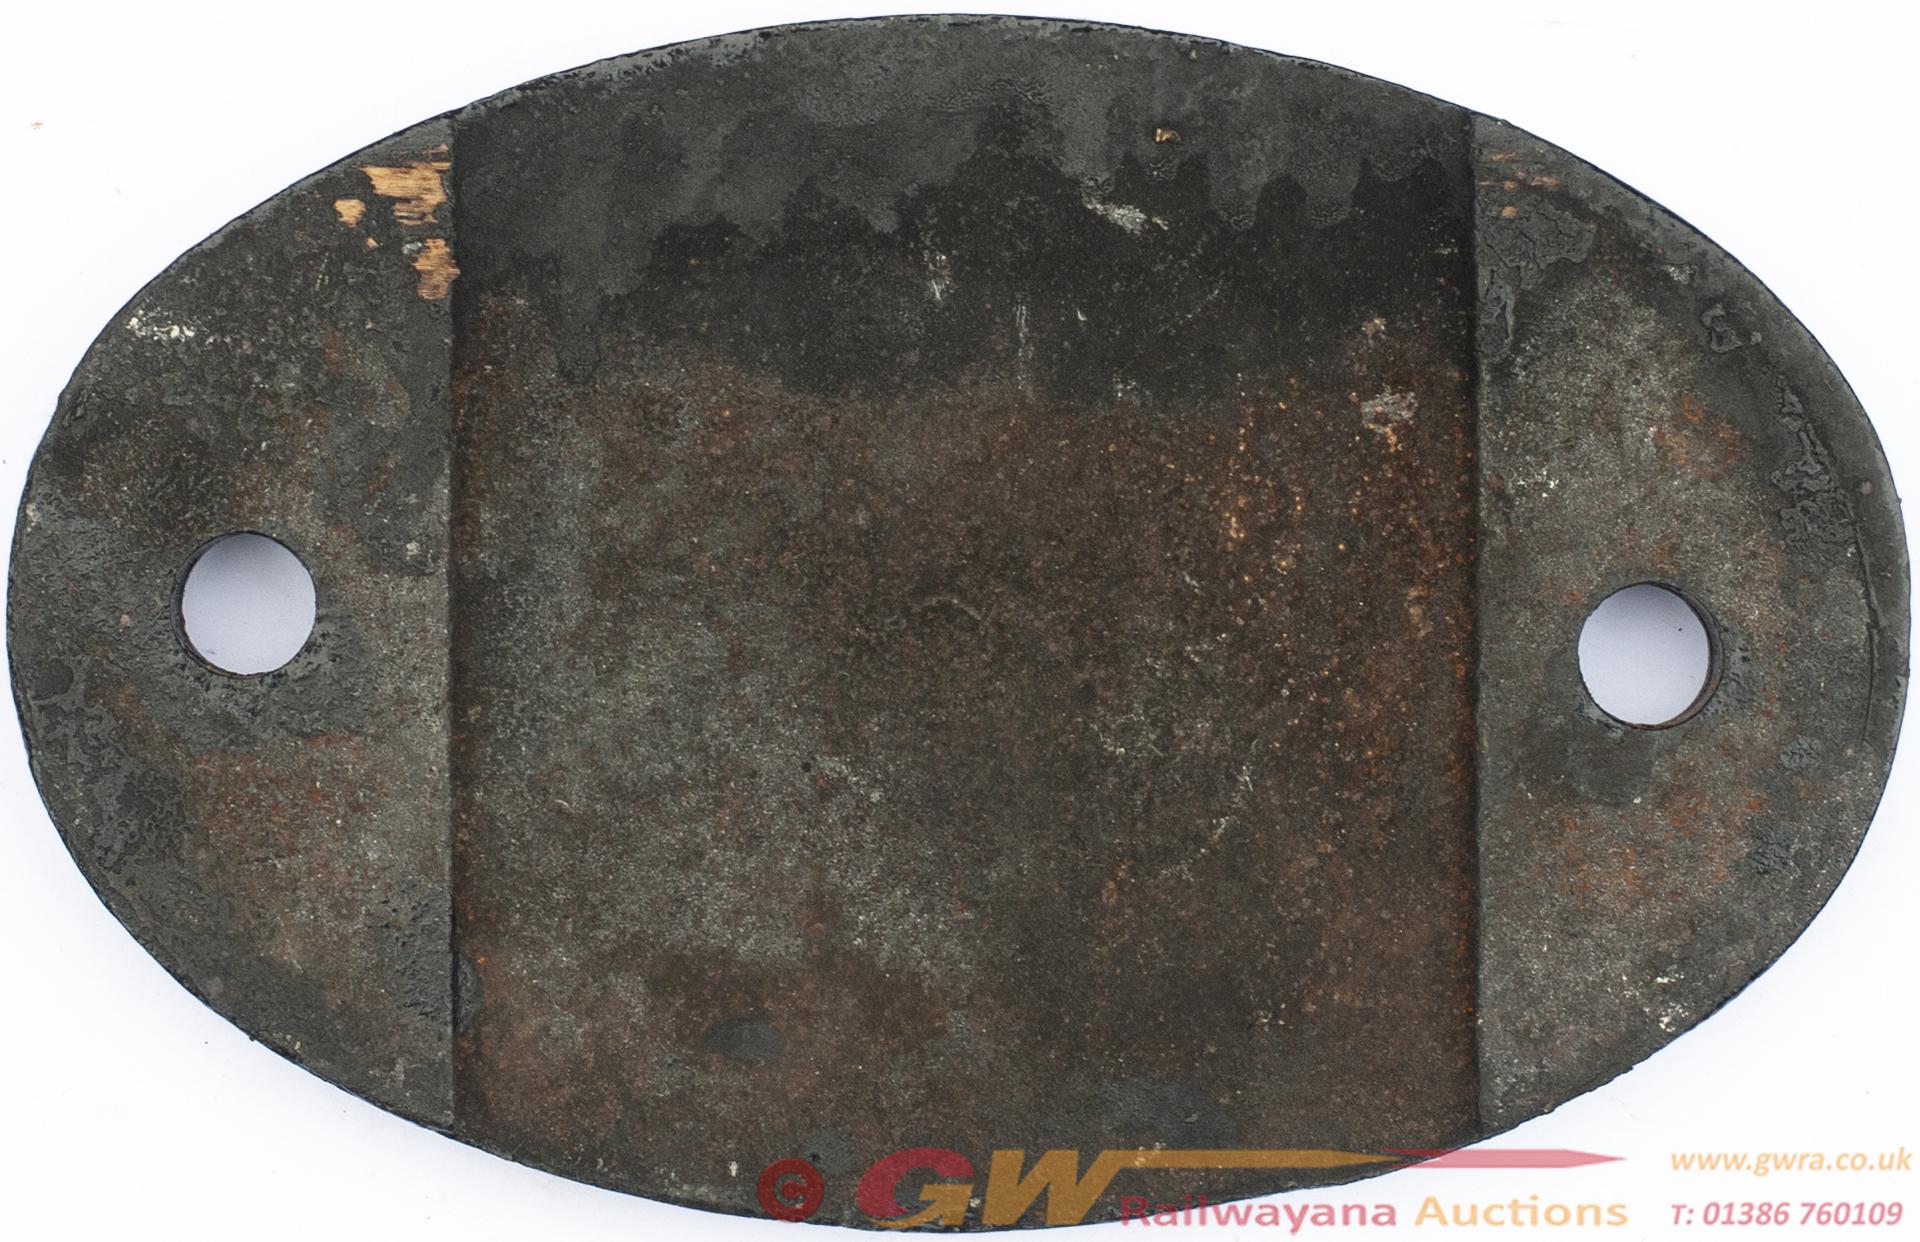 Shedplate 34e New England 1958-1968 With A Sub